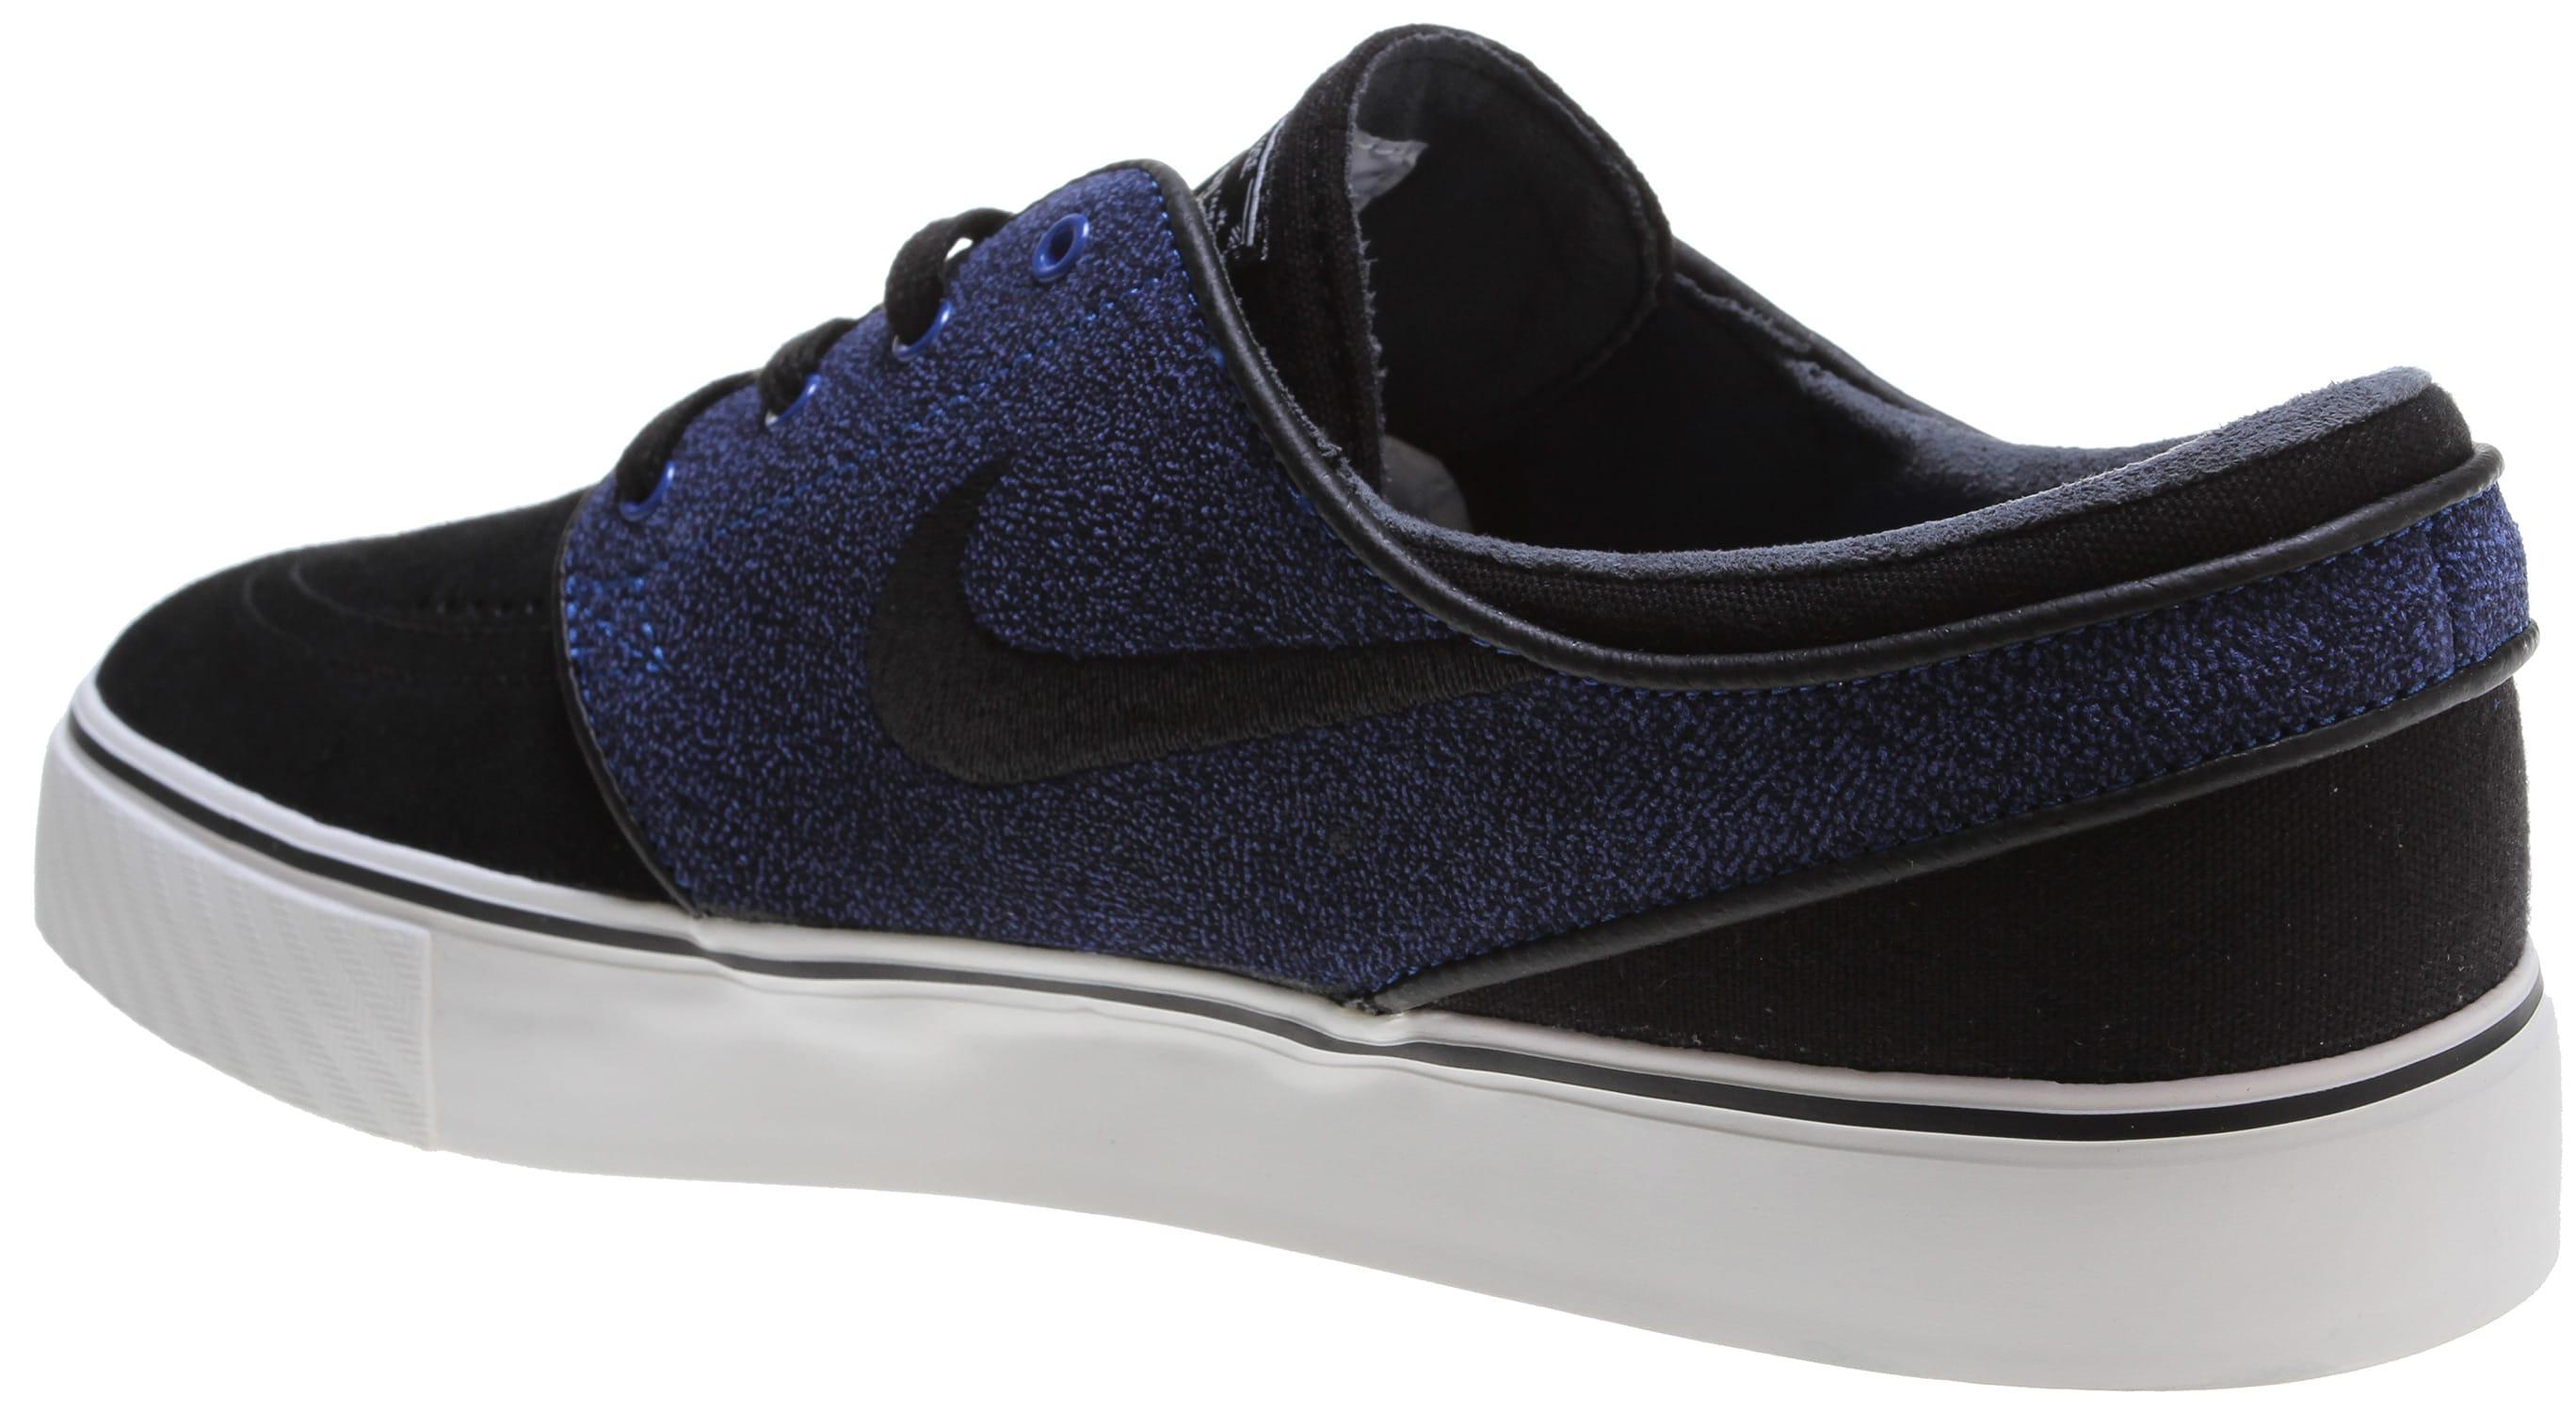 Nike Sb Stefan Janoski Zapato Del Barco En Venta línea barata tienda de liquidación compra salida Hcf4DsfK